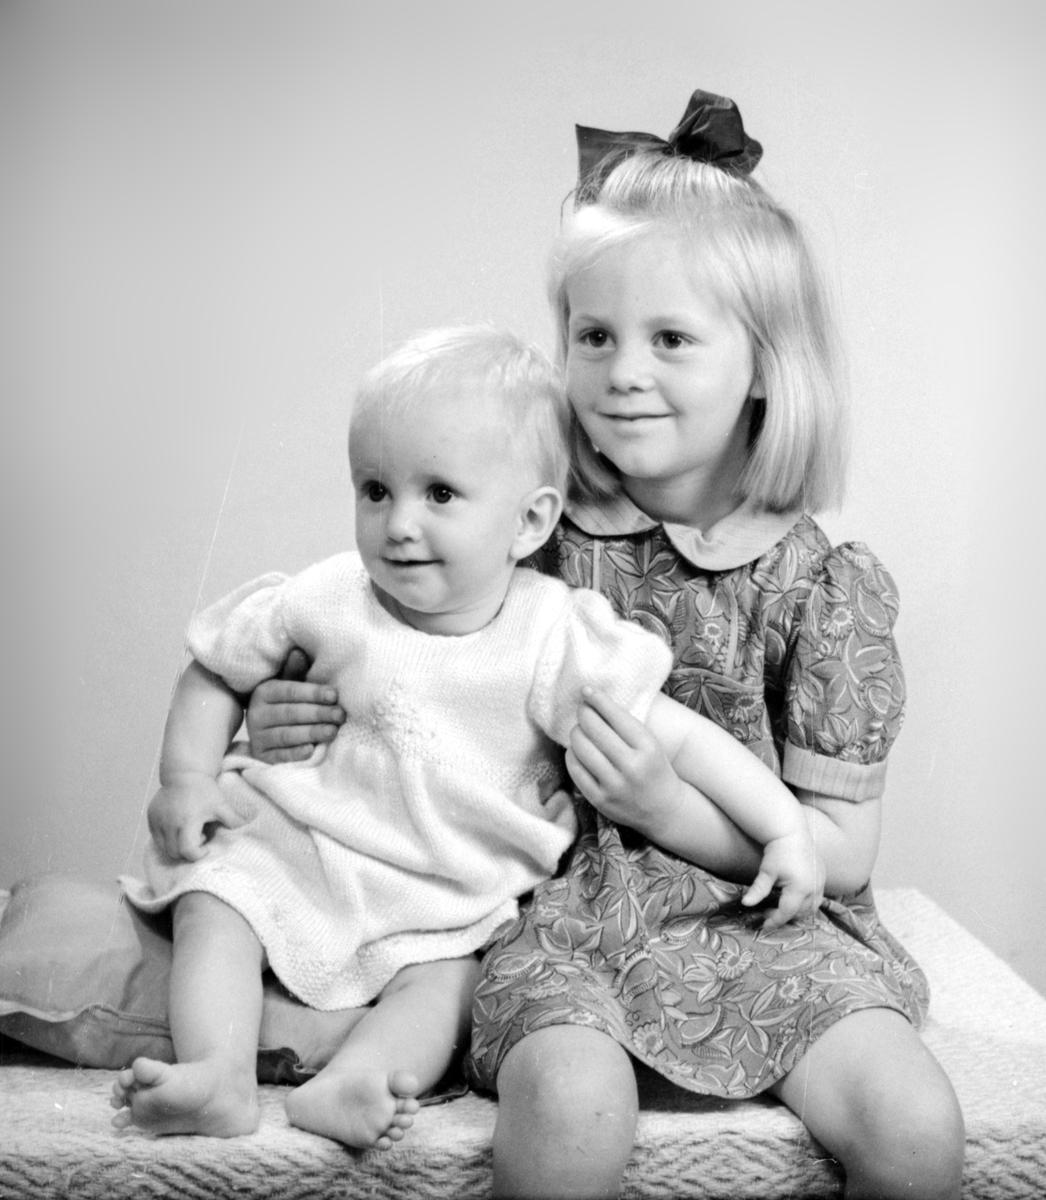 Lena Abrahamsson, f den 2 oktober 1946, och storasyster Siv Margareta Abrahamsson, f den 3 augusti 1942, Sikvik, Bomhus. Föräldrar: Sven Abrahamsson, f den 5 november 1909, och Rut Abrahamsson, f Wikström den 19 februari 1914. Foto i juni 1947.